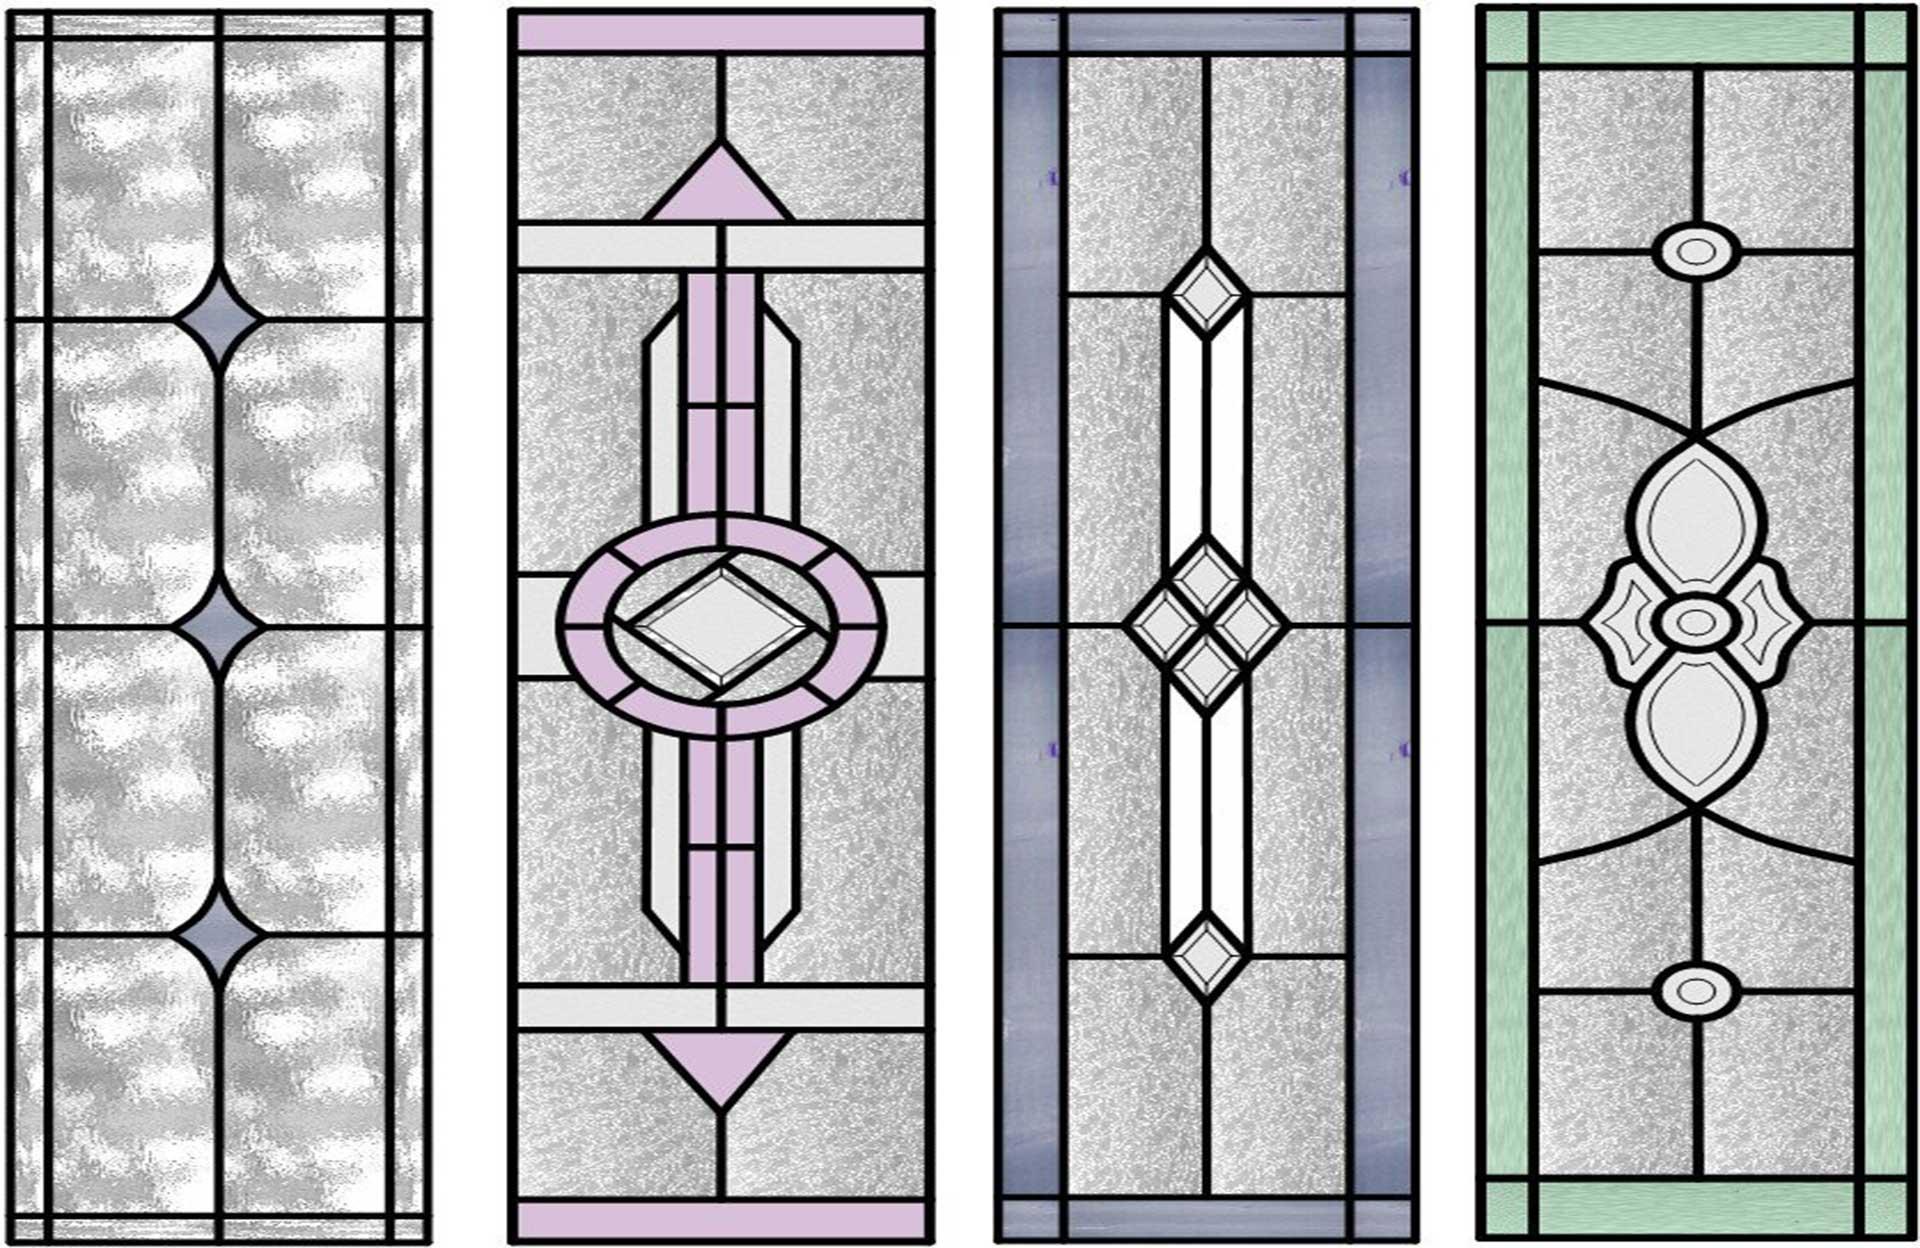 artrix-glass-new-brochure_krkyjsMwQj6w6KkbC1GV-837x784